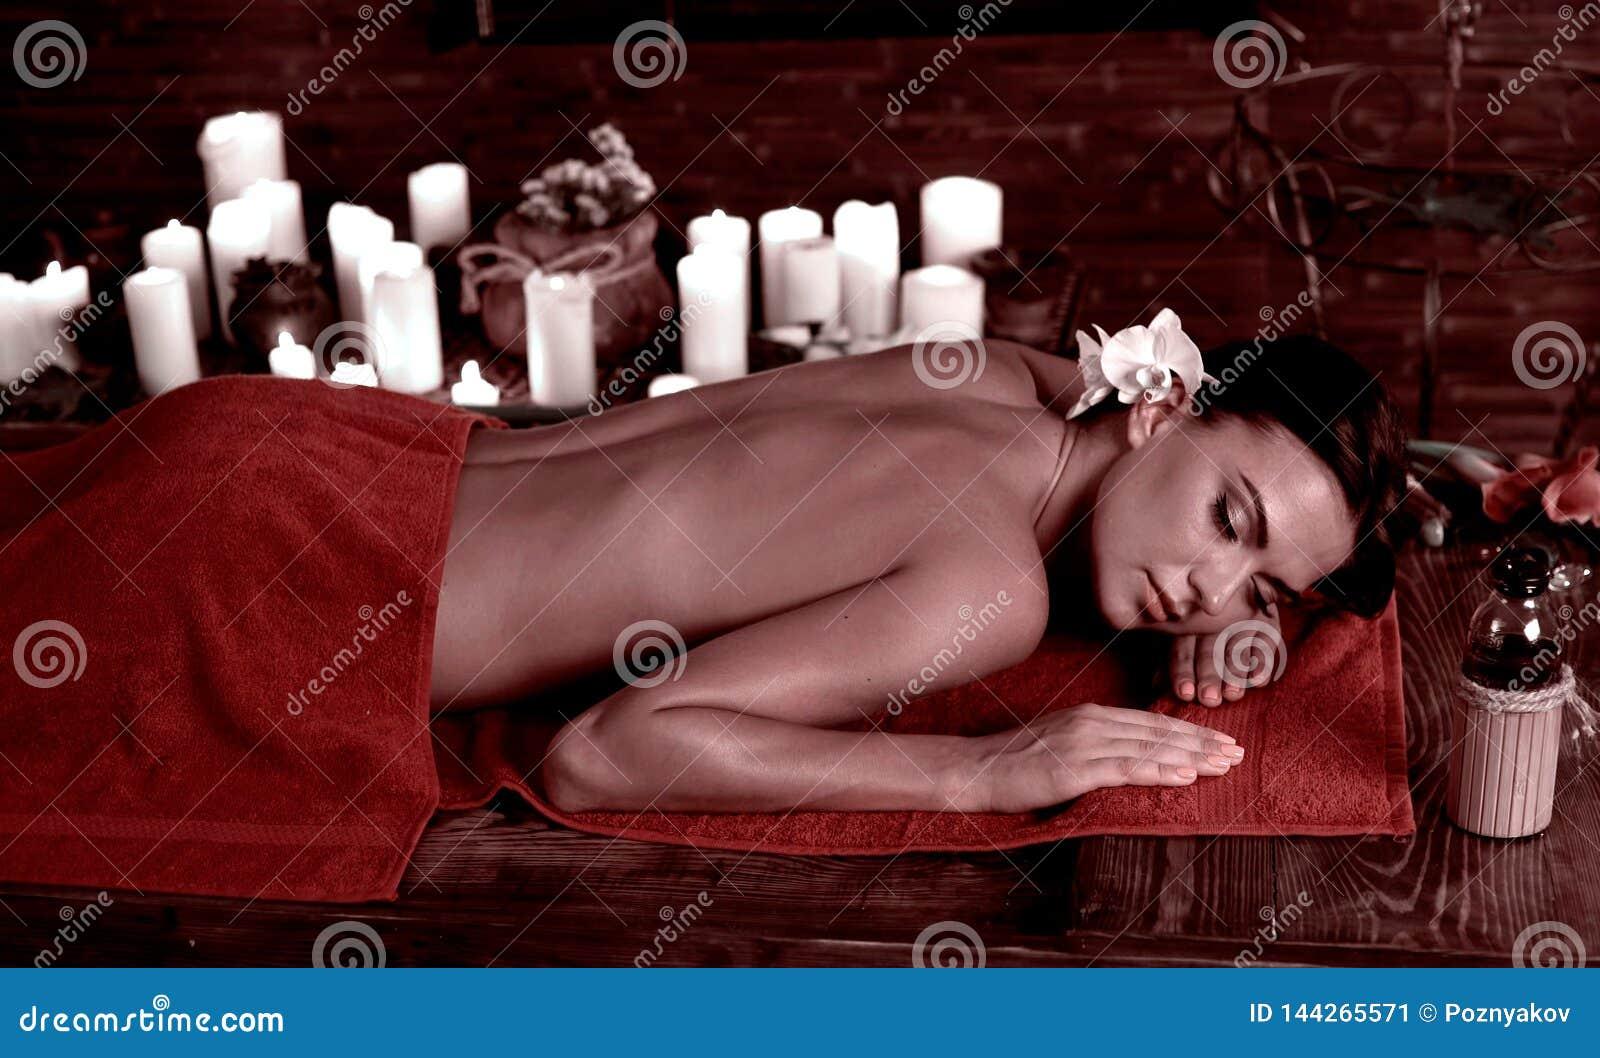 BALNEARIO de la salud y turismo de la salud Exótico relaje el masaje